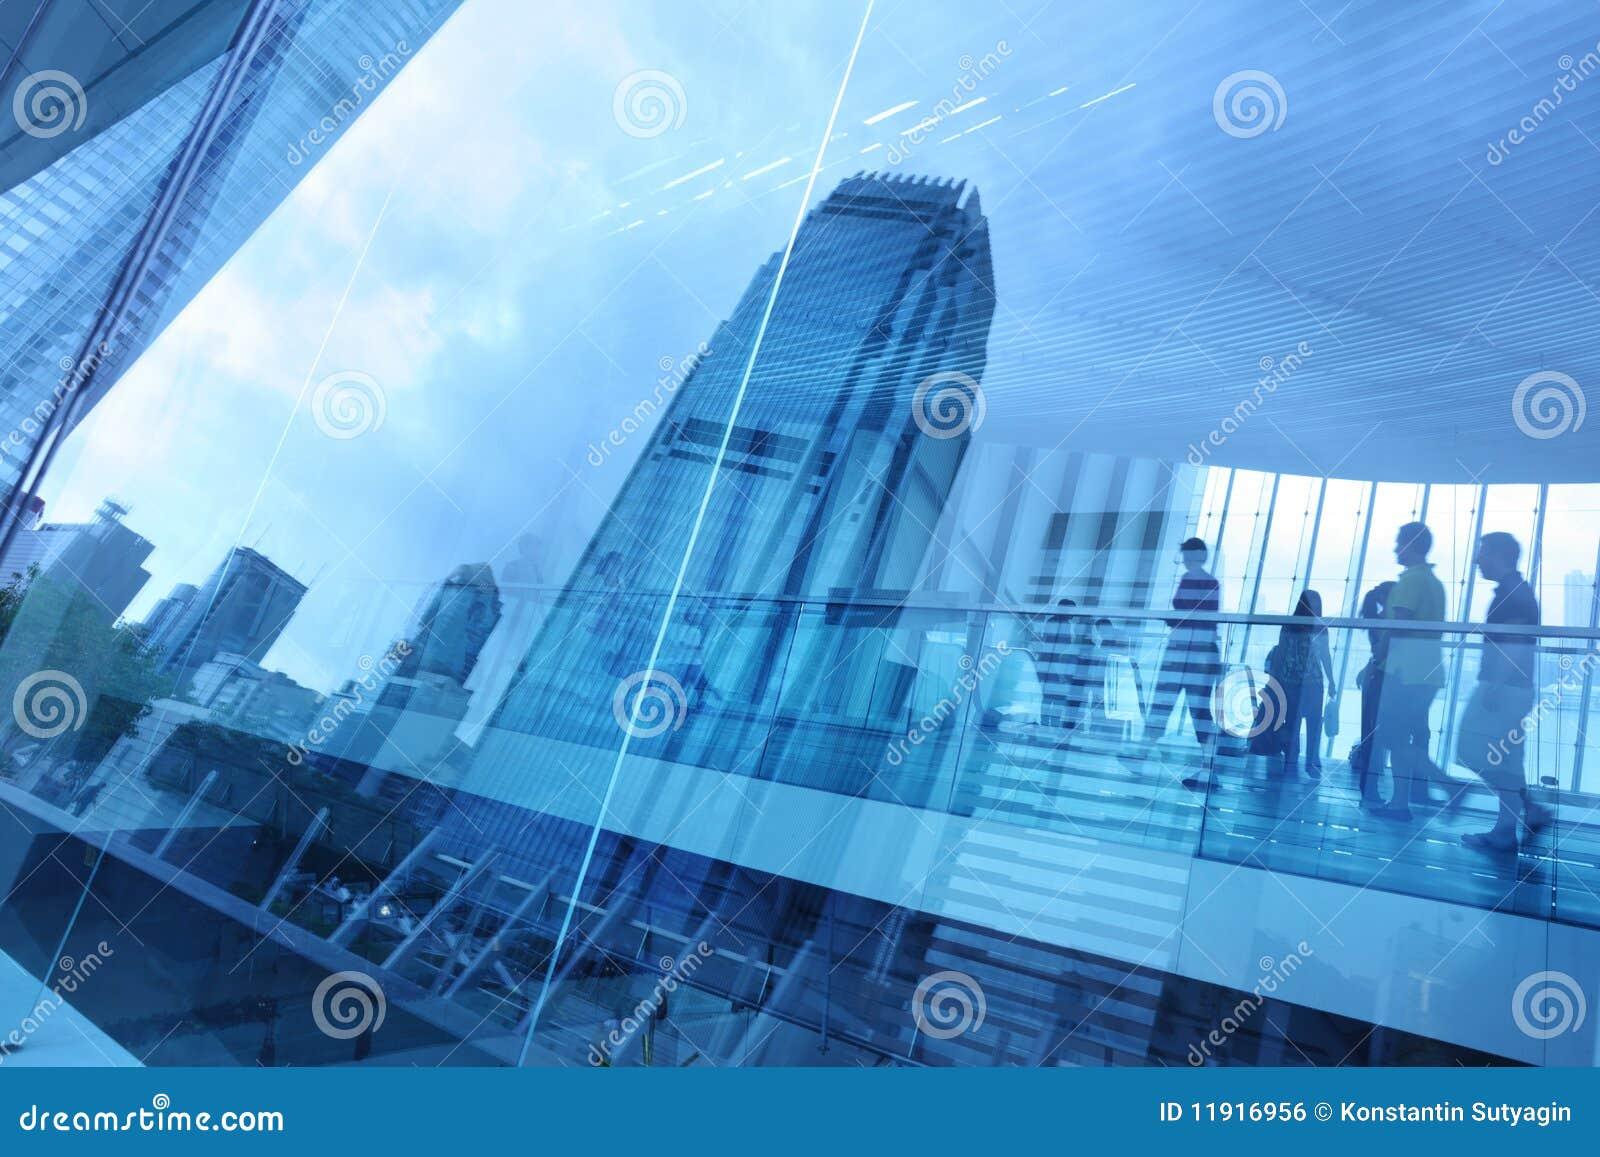 Abstracte moderne stadsachtergrond